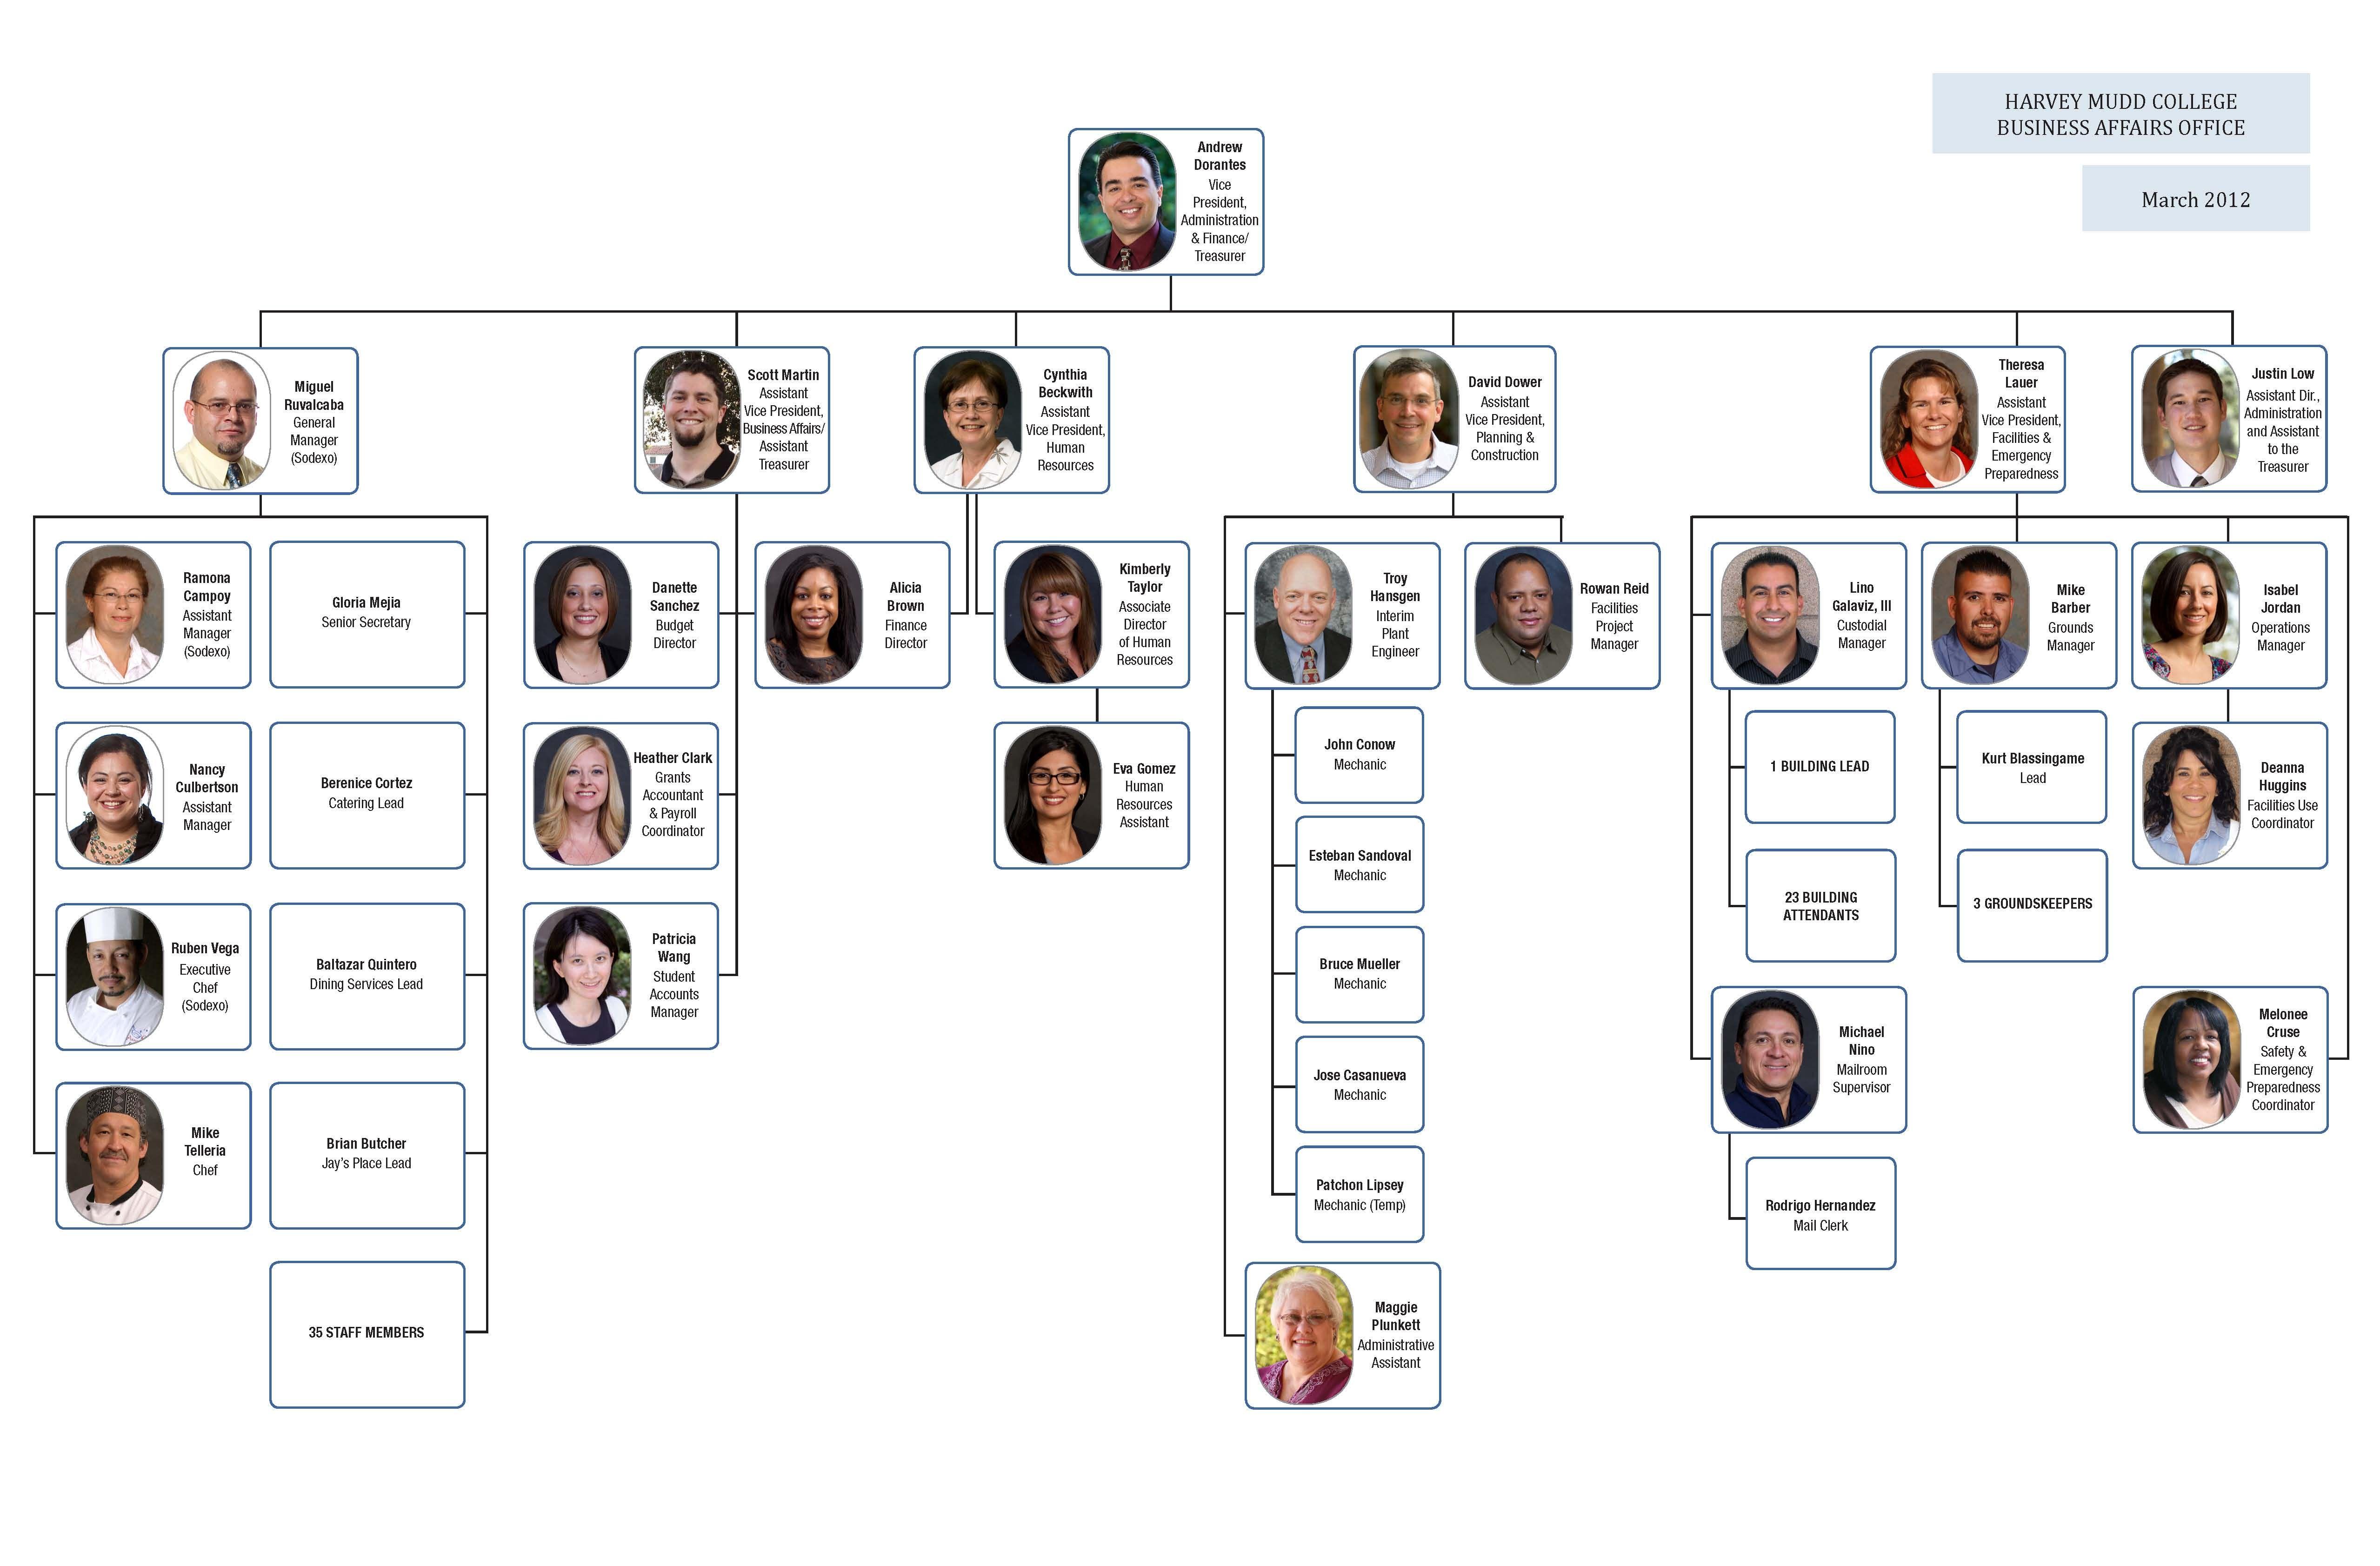 Organizational Chart5hmceduBAONewswpcontent – Organizational Chart